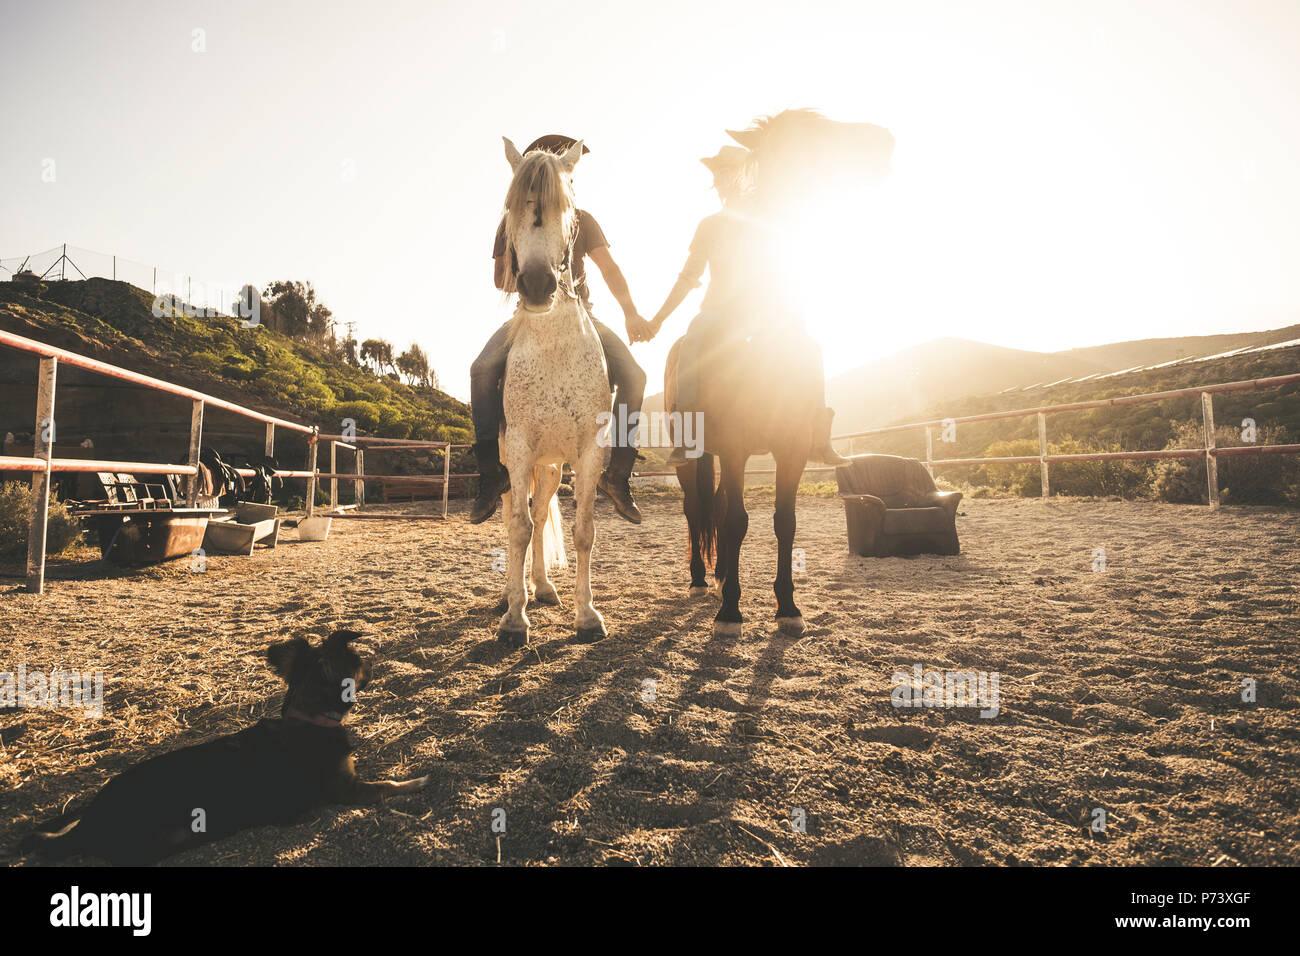 Reiten malerische Bild mit zwei Tieren und Menschen Paar und ein Hund, die Hände mit Liebe und Freundschaft und Sonnenuntergang Sonnenlicht im Hintergrund. w Stockbild